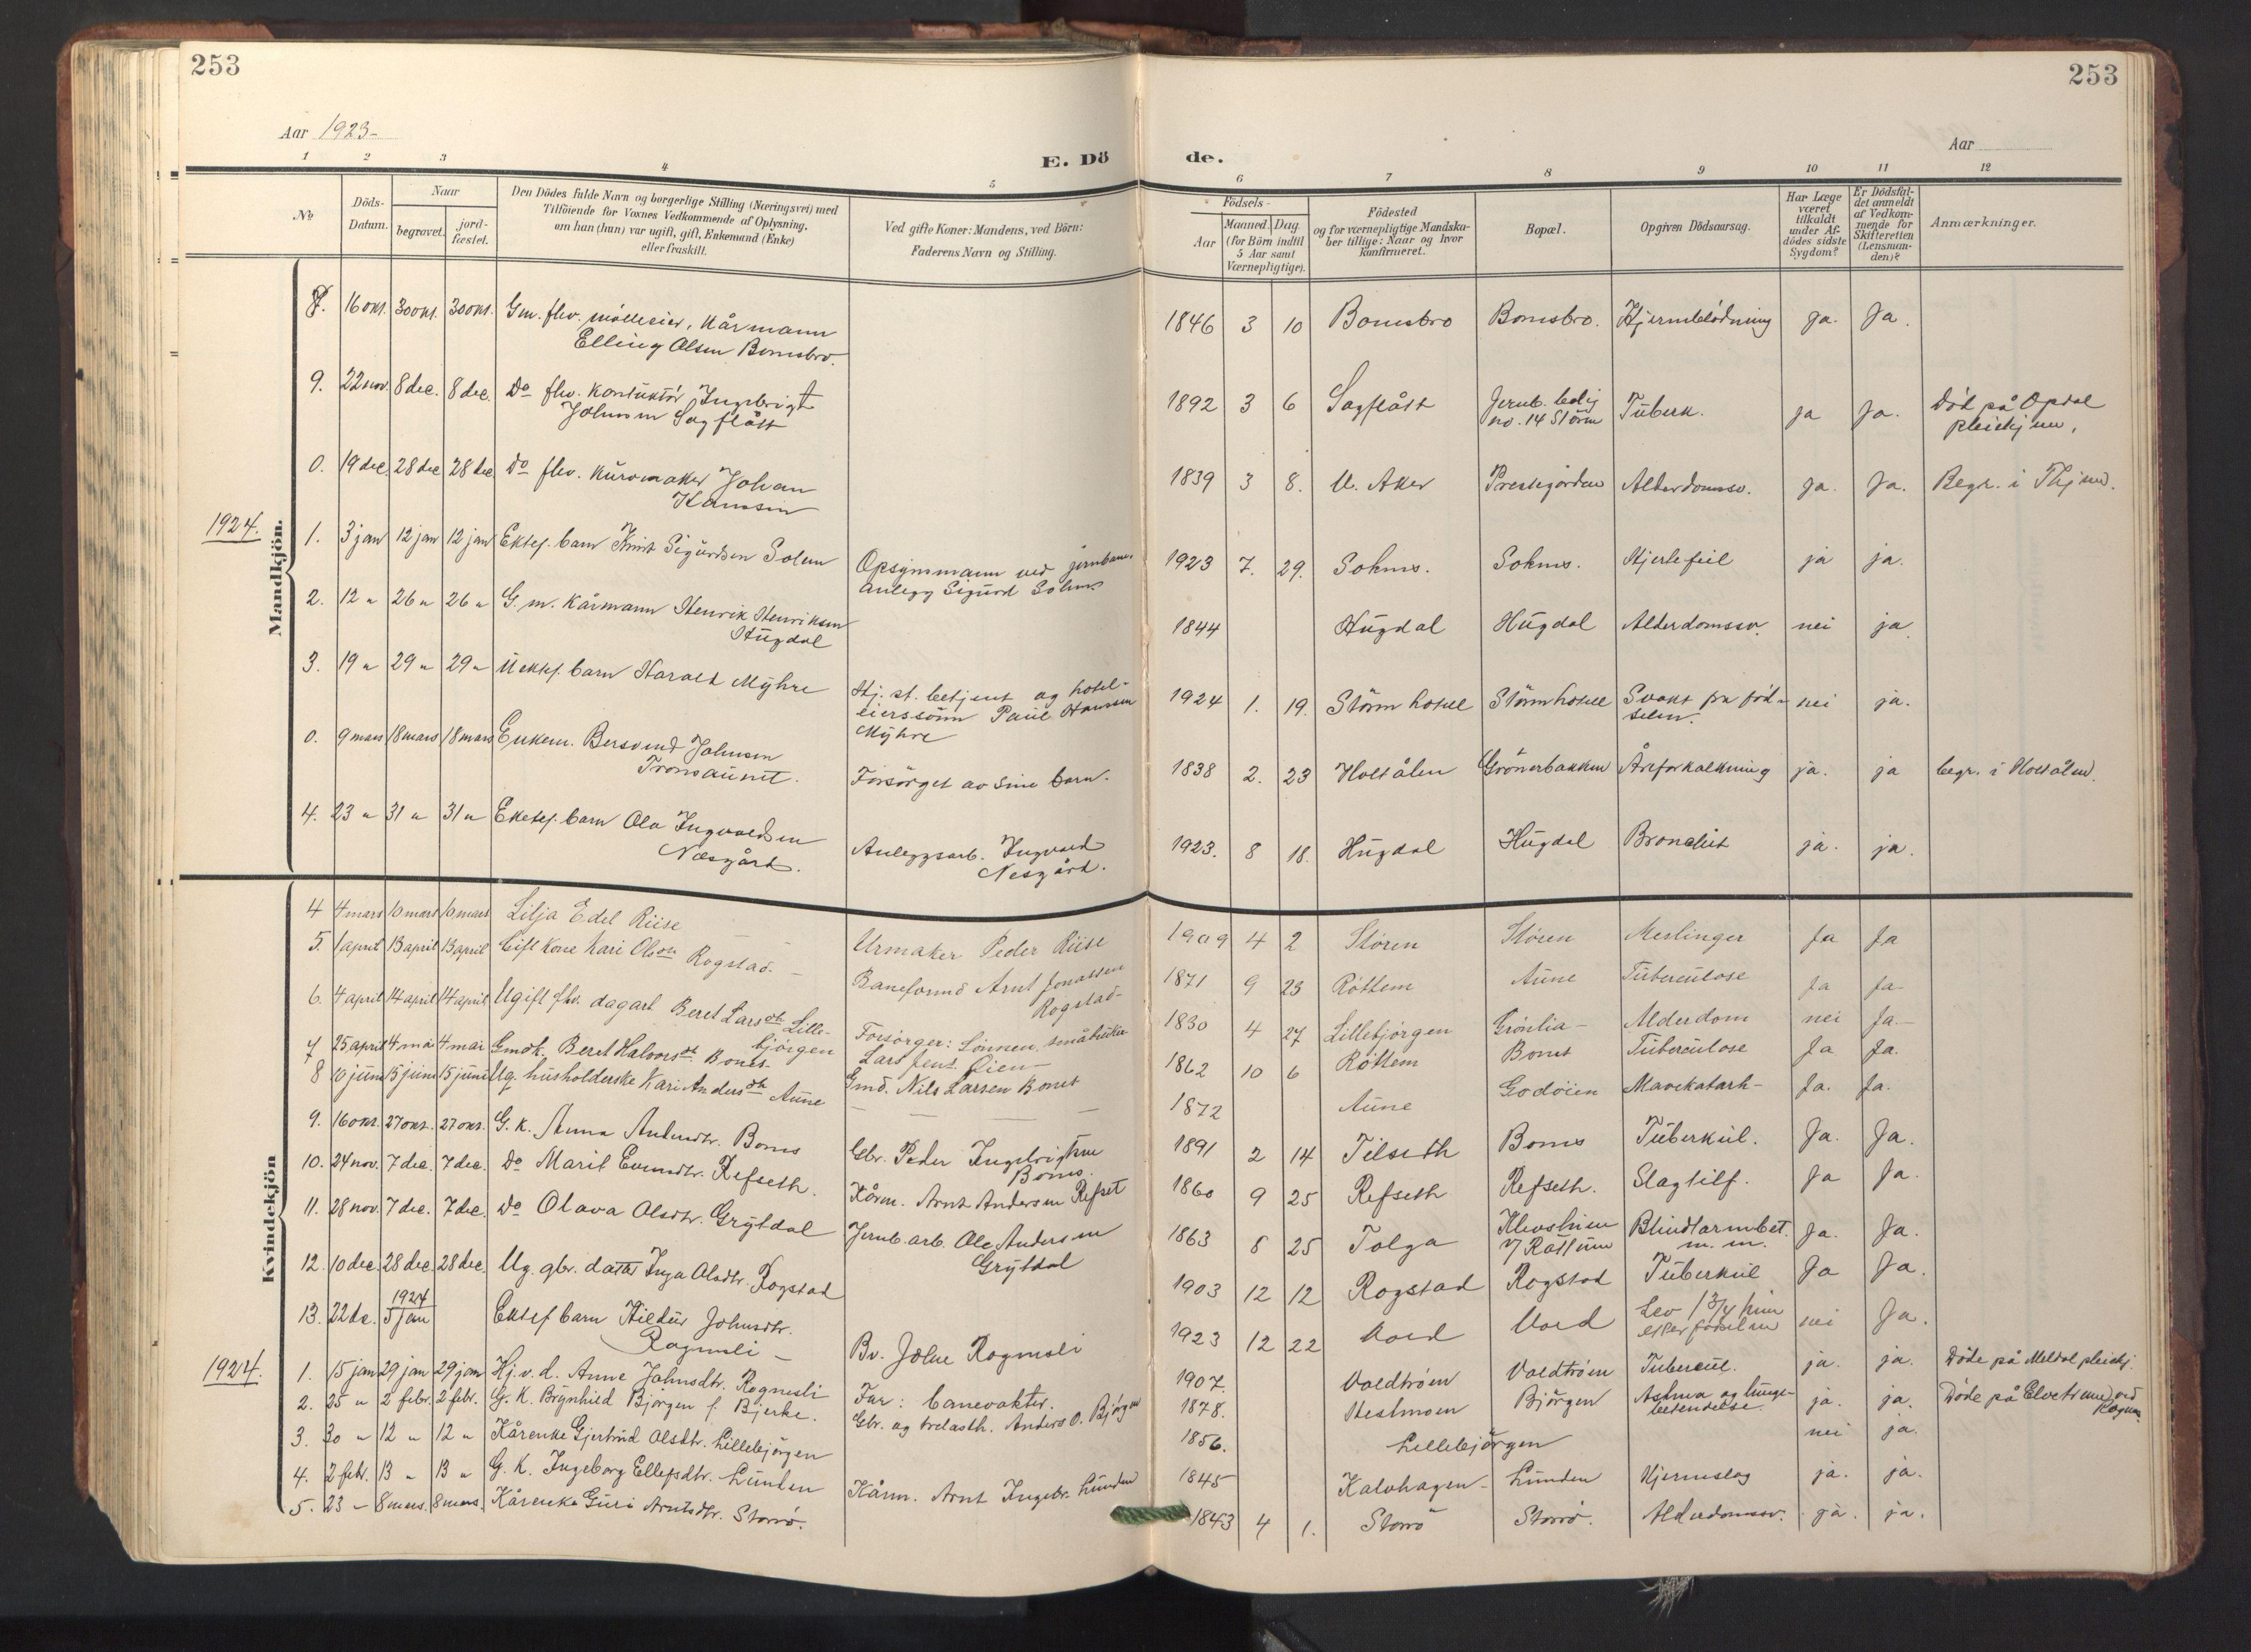 SAT, Ministerialprotokoller, klokkerbøker og fødselsregistre - Sør-Trøndelag, 687/L1019: Klokkerbok nr. 687C03, 1904-1931, s. 253